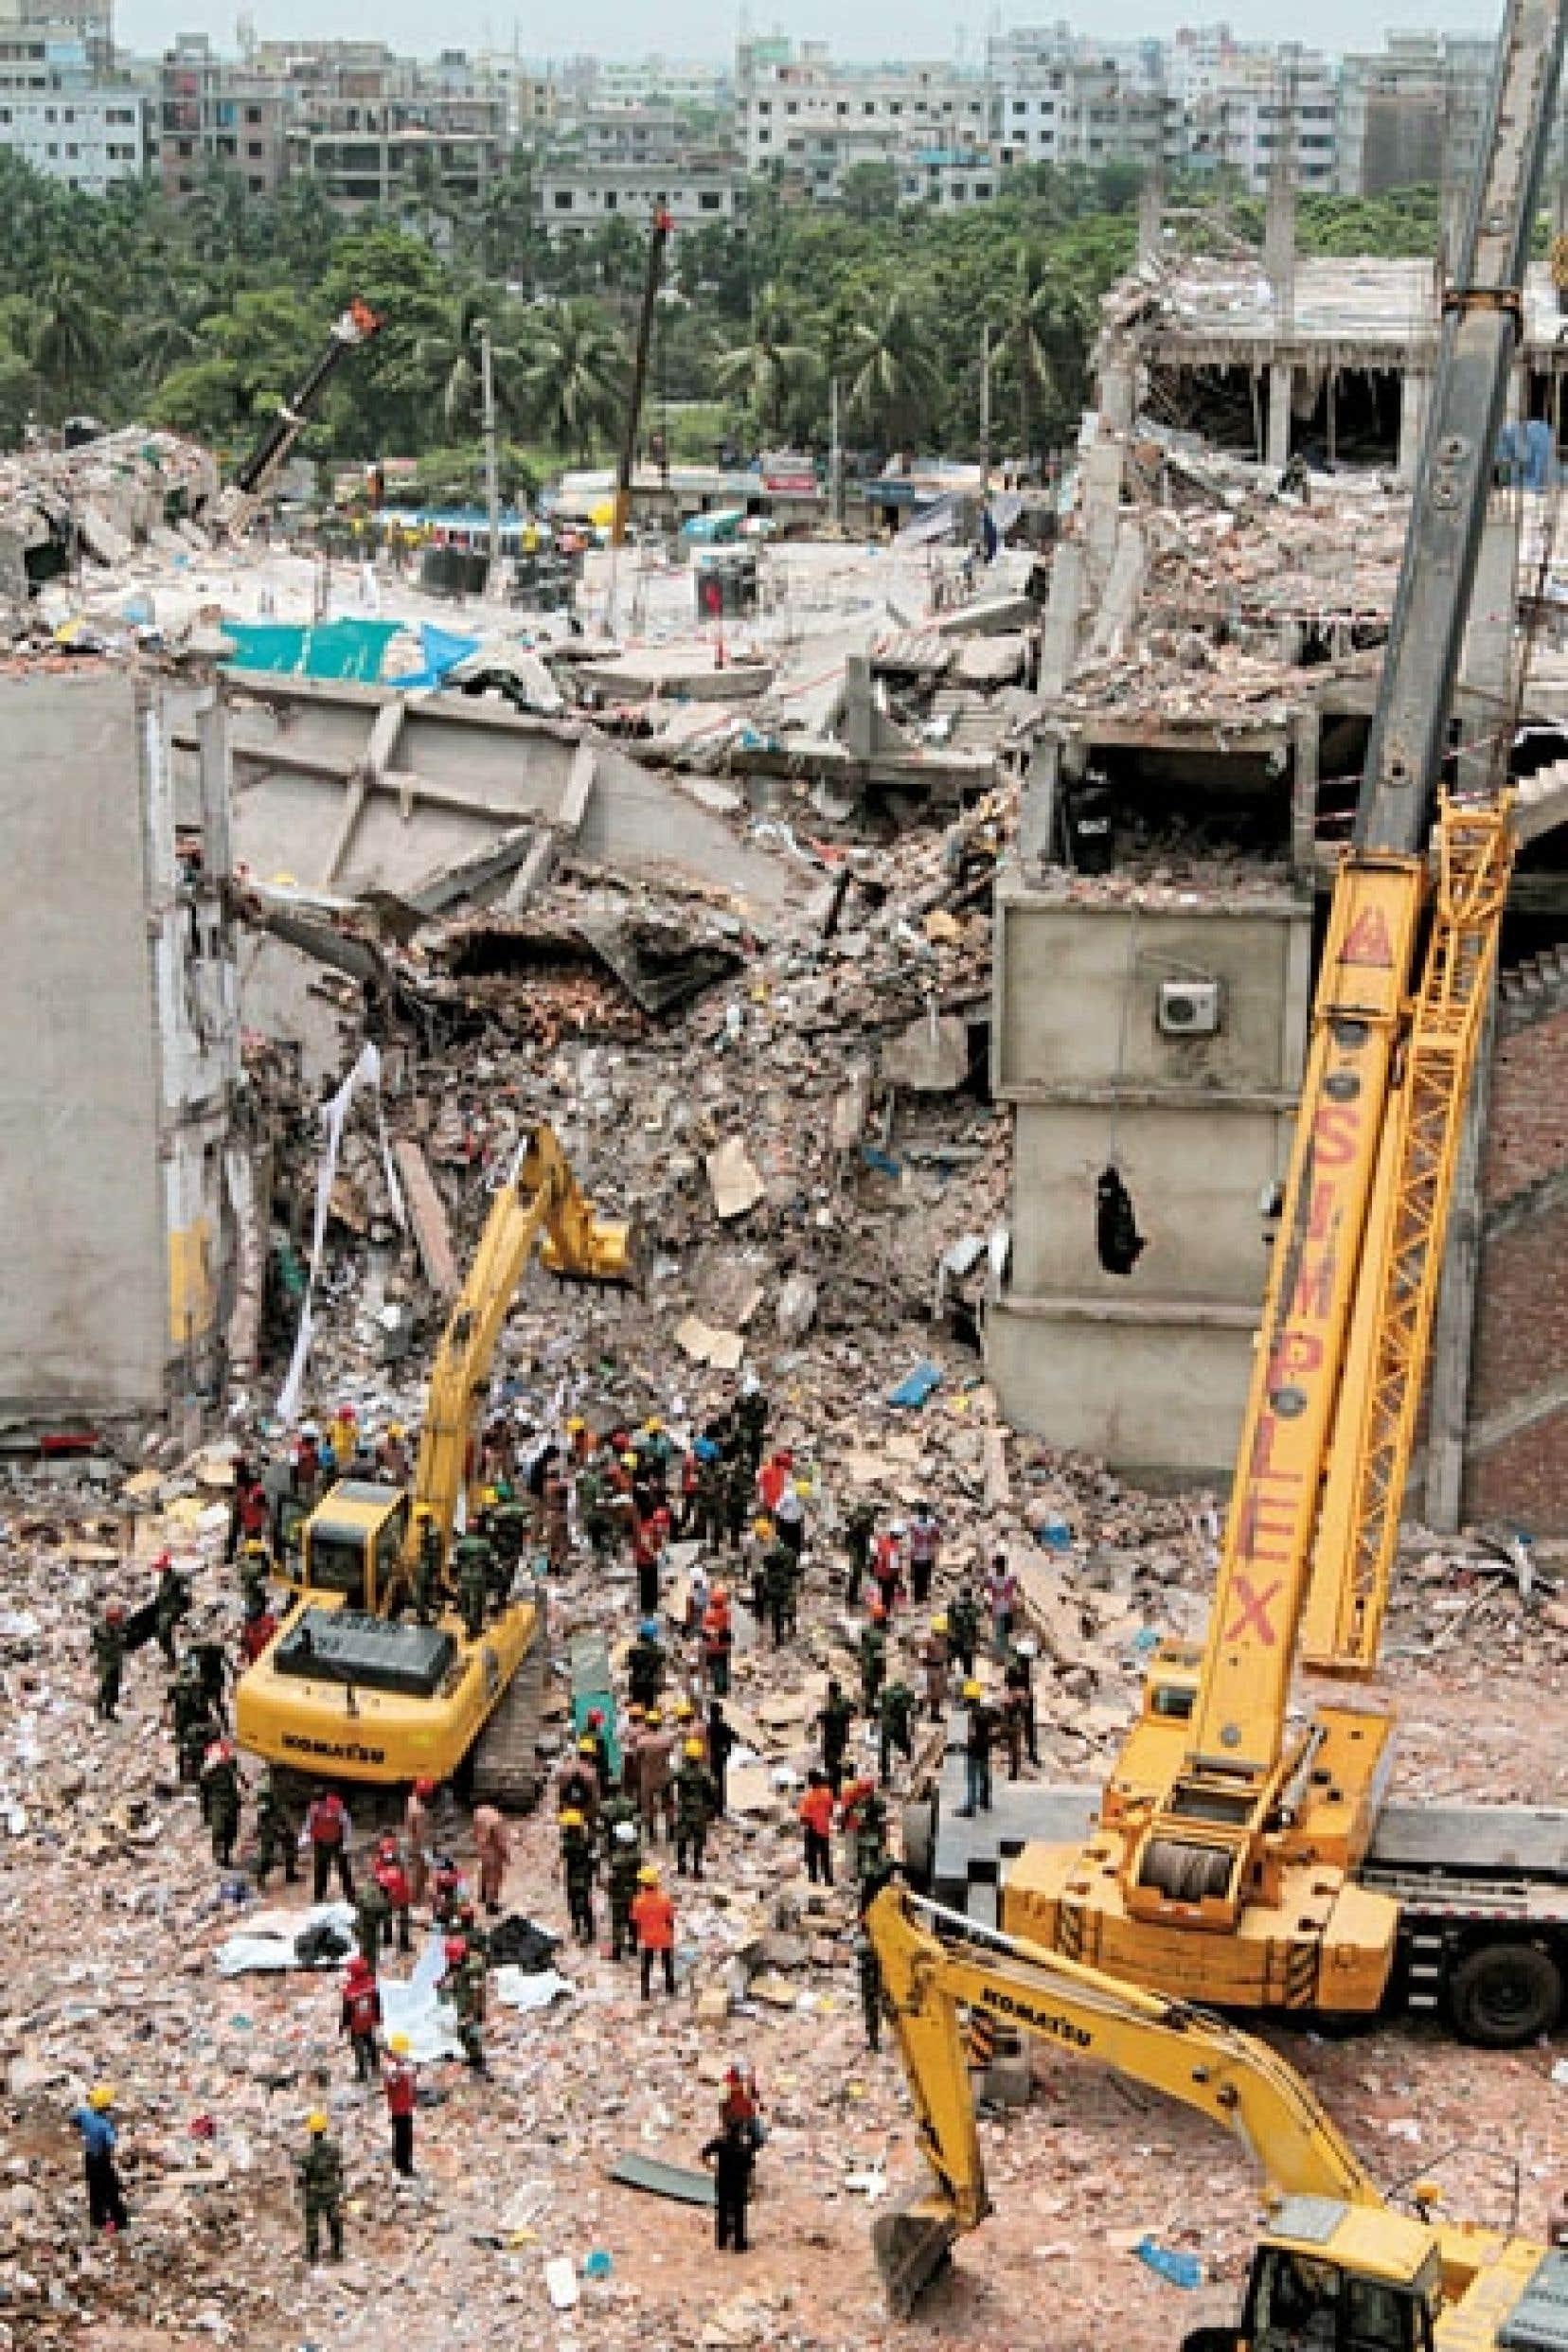 L'effondrement d'un immeuble d'ateliers textiles en avril a fait plus de 1200 morts dans la capitale bangladaise de Dacca.